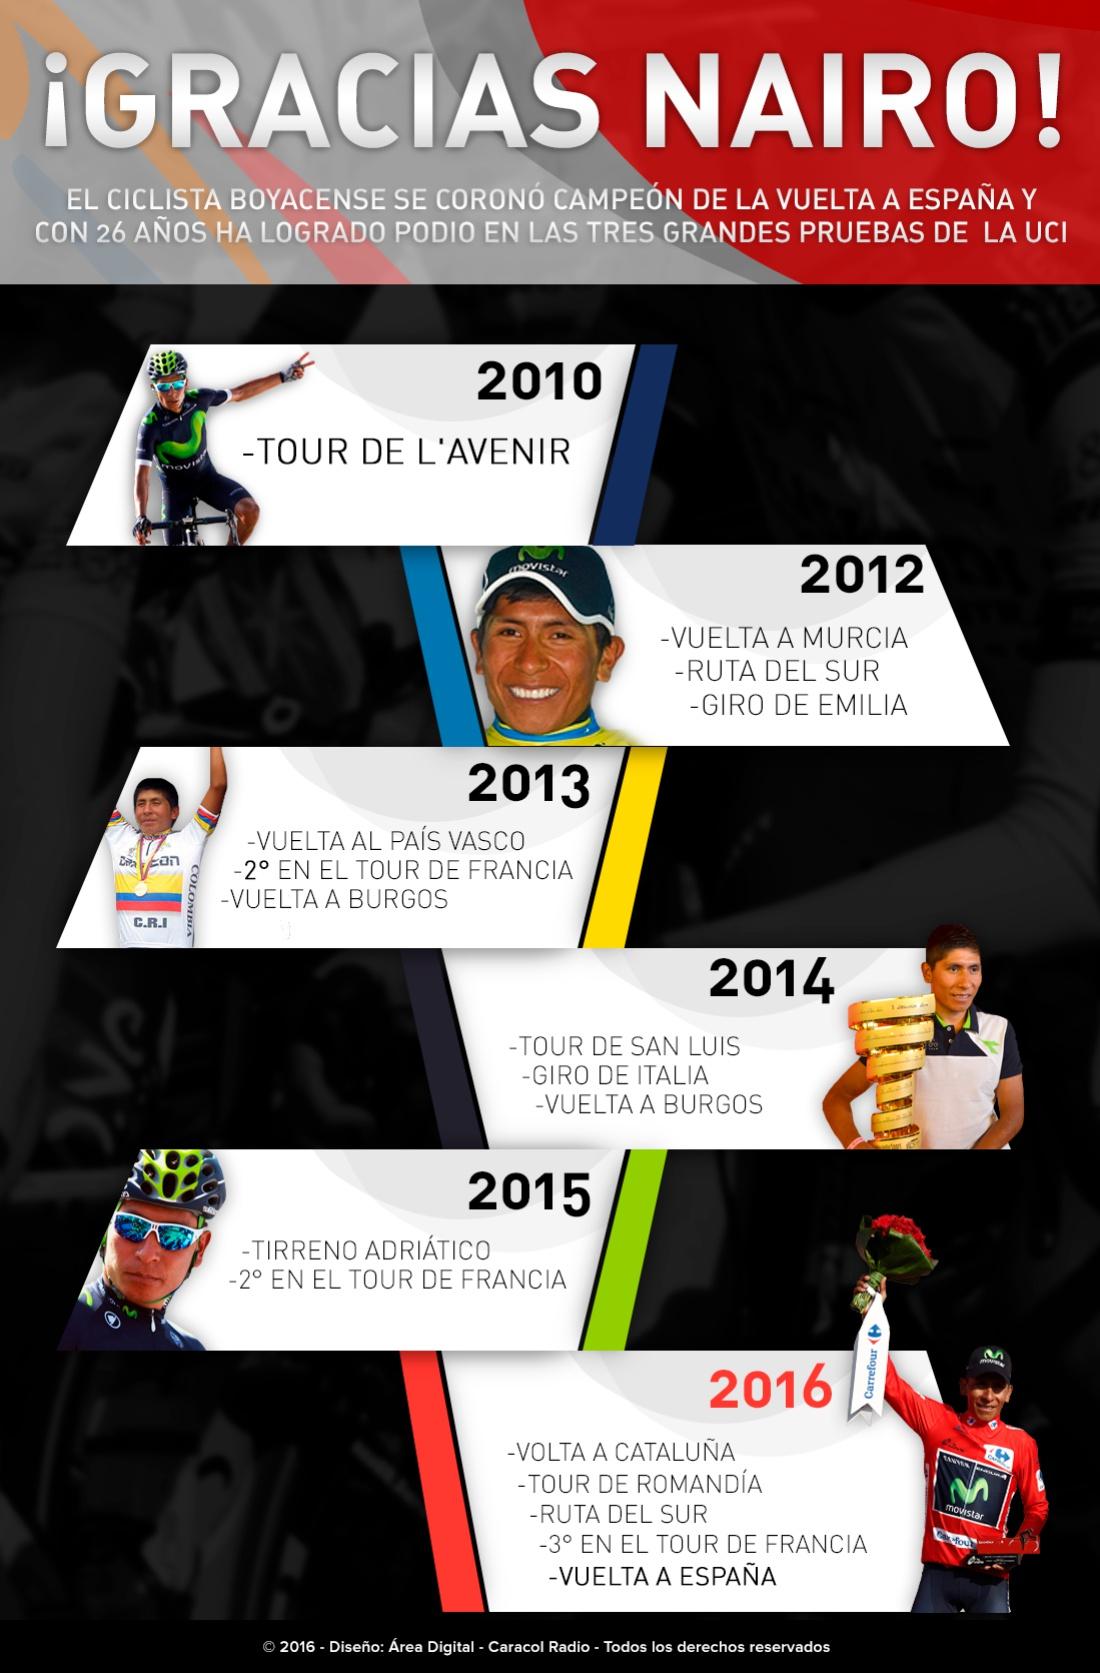 Títulos de Nairo Quintana: ¡Gracias Nairo!